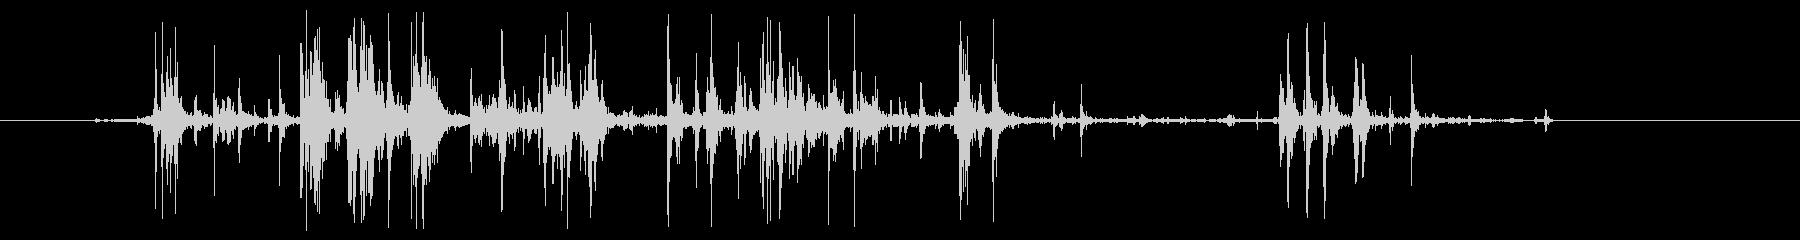 グシャリ系(卵の殻を握る音)の未再生の波形